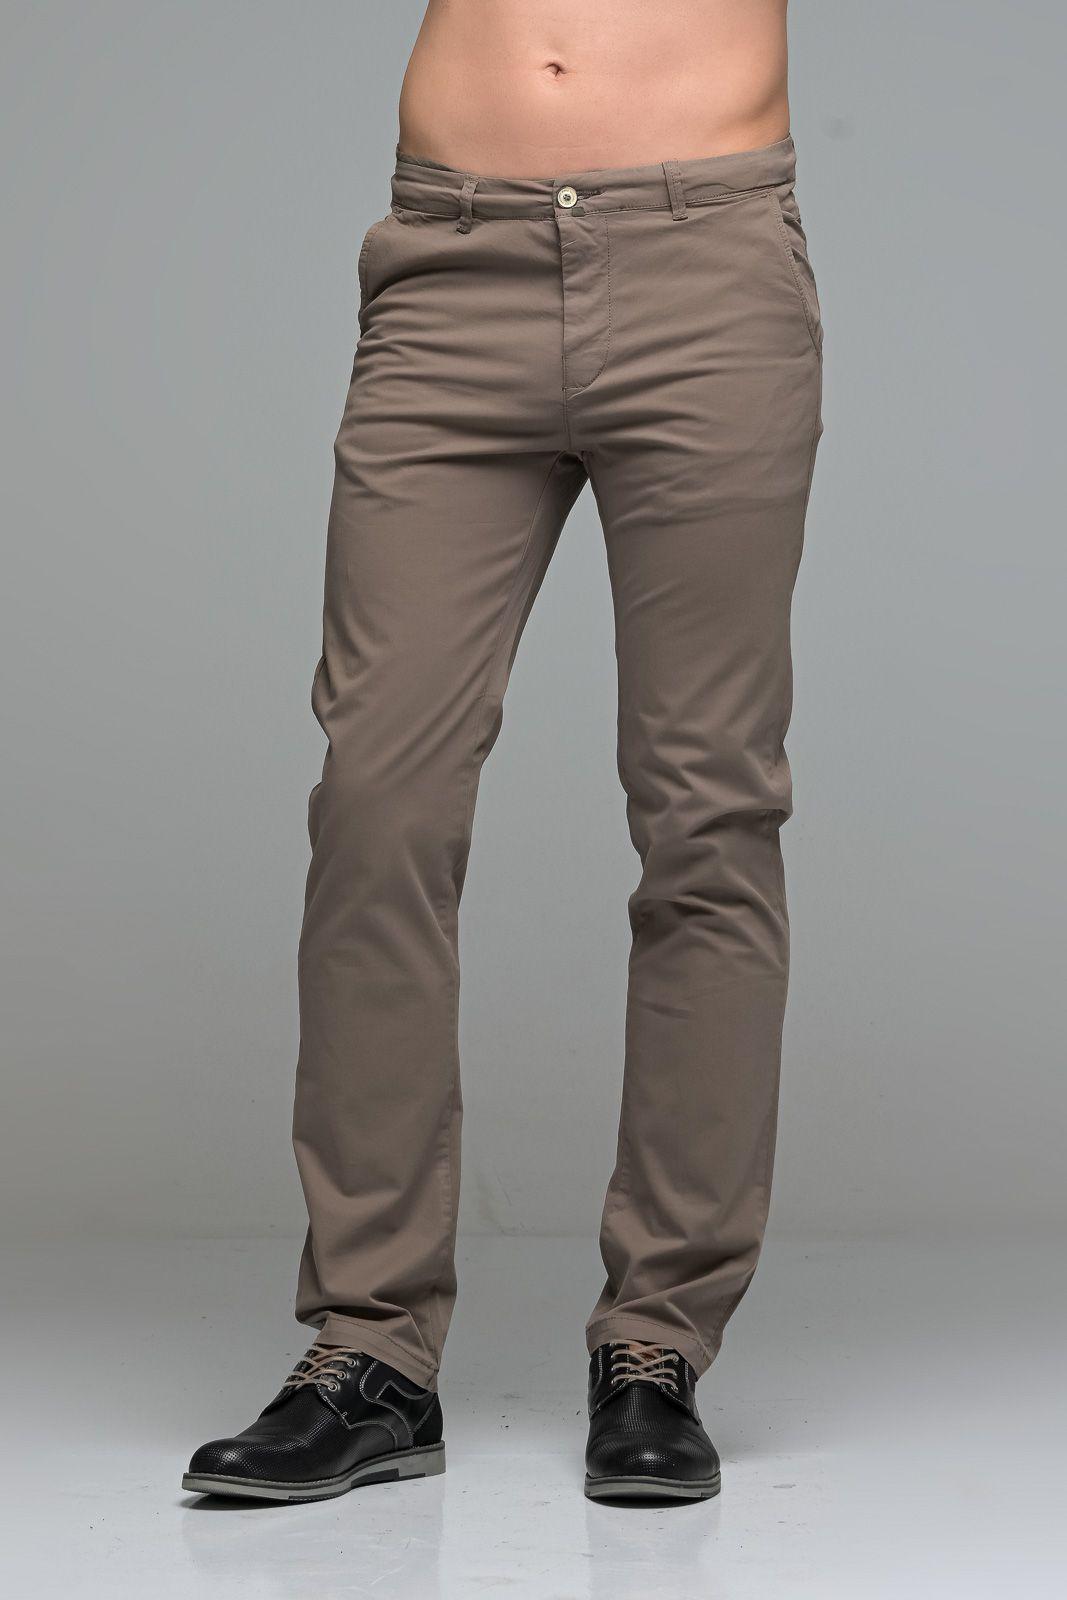 Καλοκαιρινό Ανδρικό Παντελόνι Chino MASSARO Χακί Nude- Straight fit